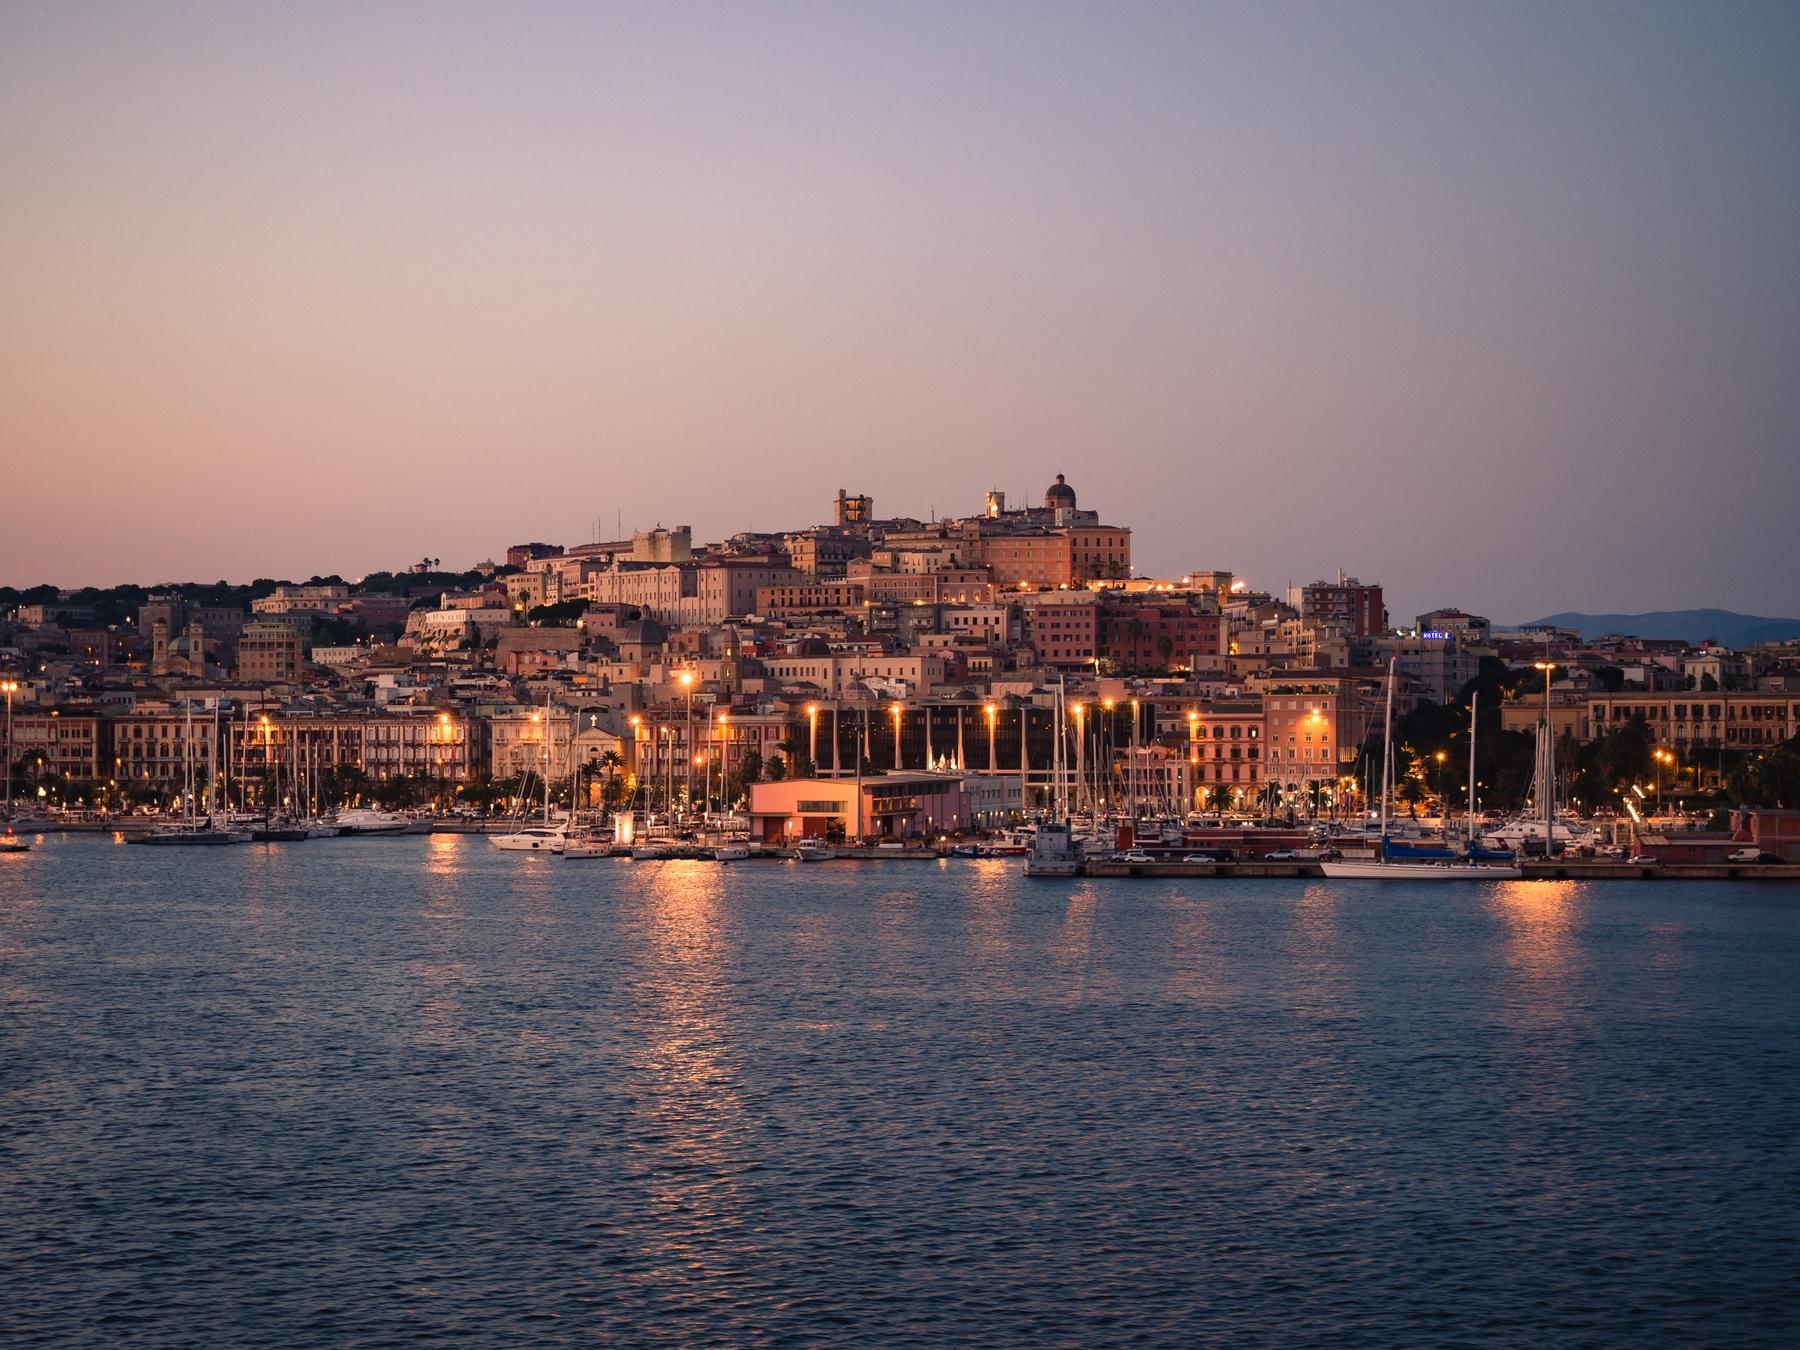 La hermosa estampa de Cagliari al atardecer